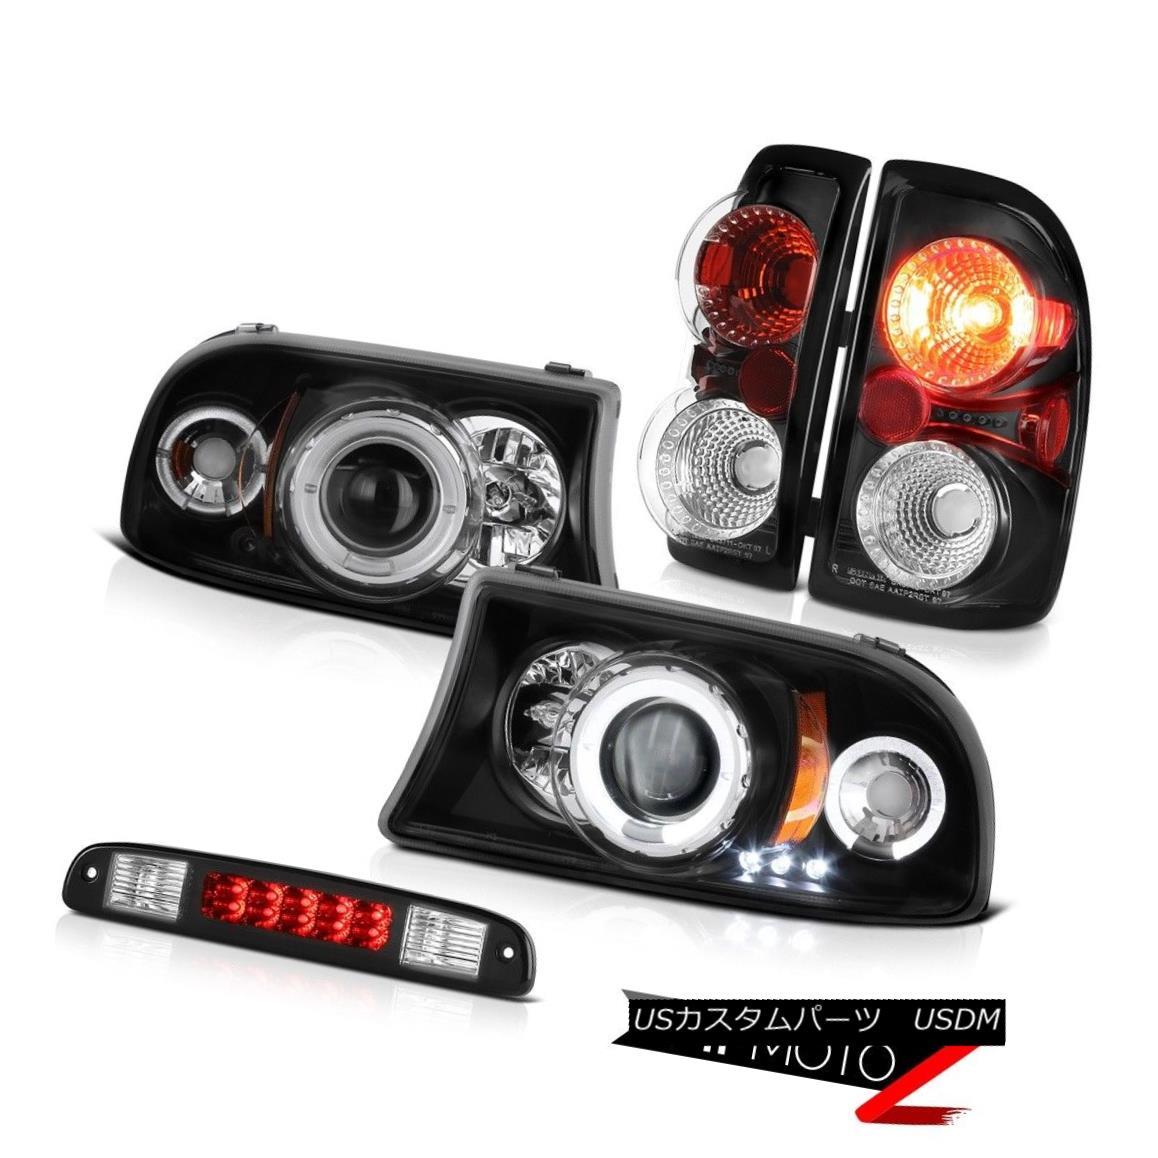 ヘッドライト 1997-2004 Dodge Dakota Magnum Black Halo LED Headlights Third Brake Tail Lights 1997 - 2004年ダッジダコタマグナムブラックハローLEDヘッドライト第3ブレーキテールライト